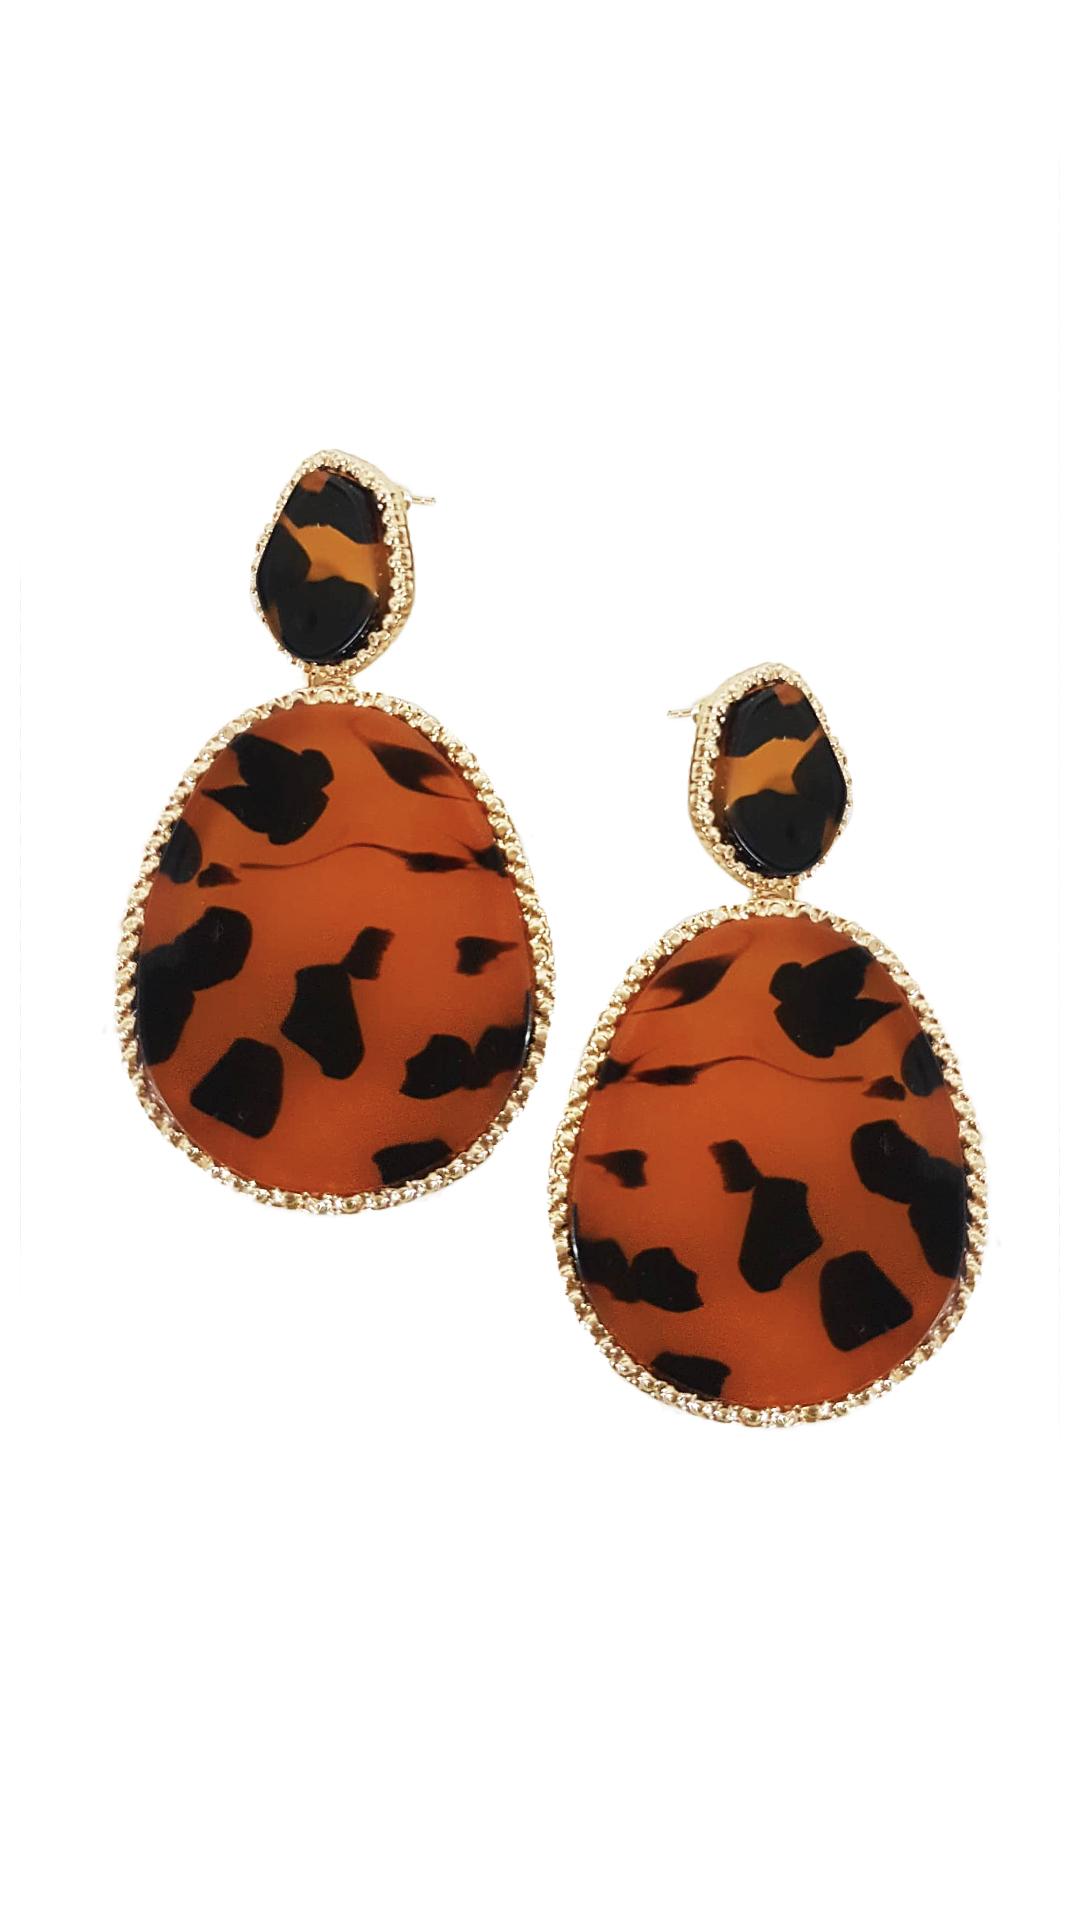 Σκουλαρίκια με Πέτρα και Χρυσή Λεπτομέρεια - MissReina - W20AC-637914